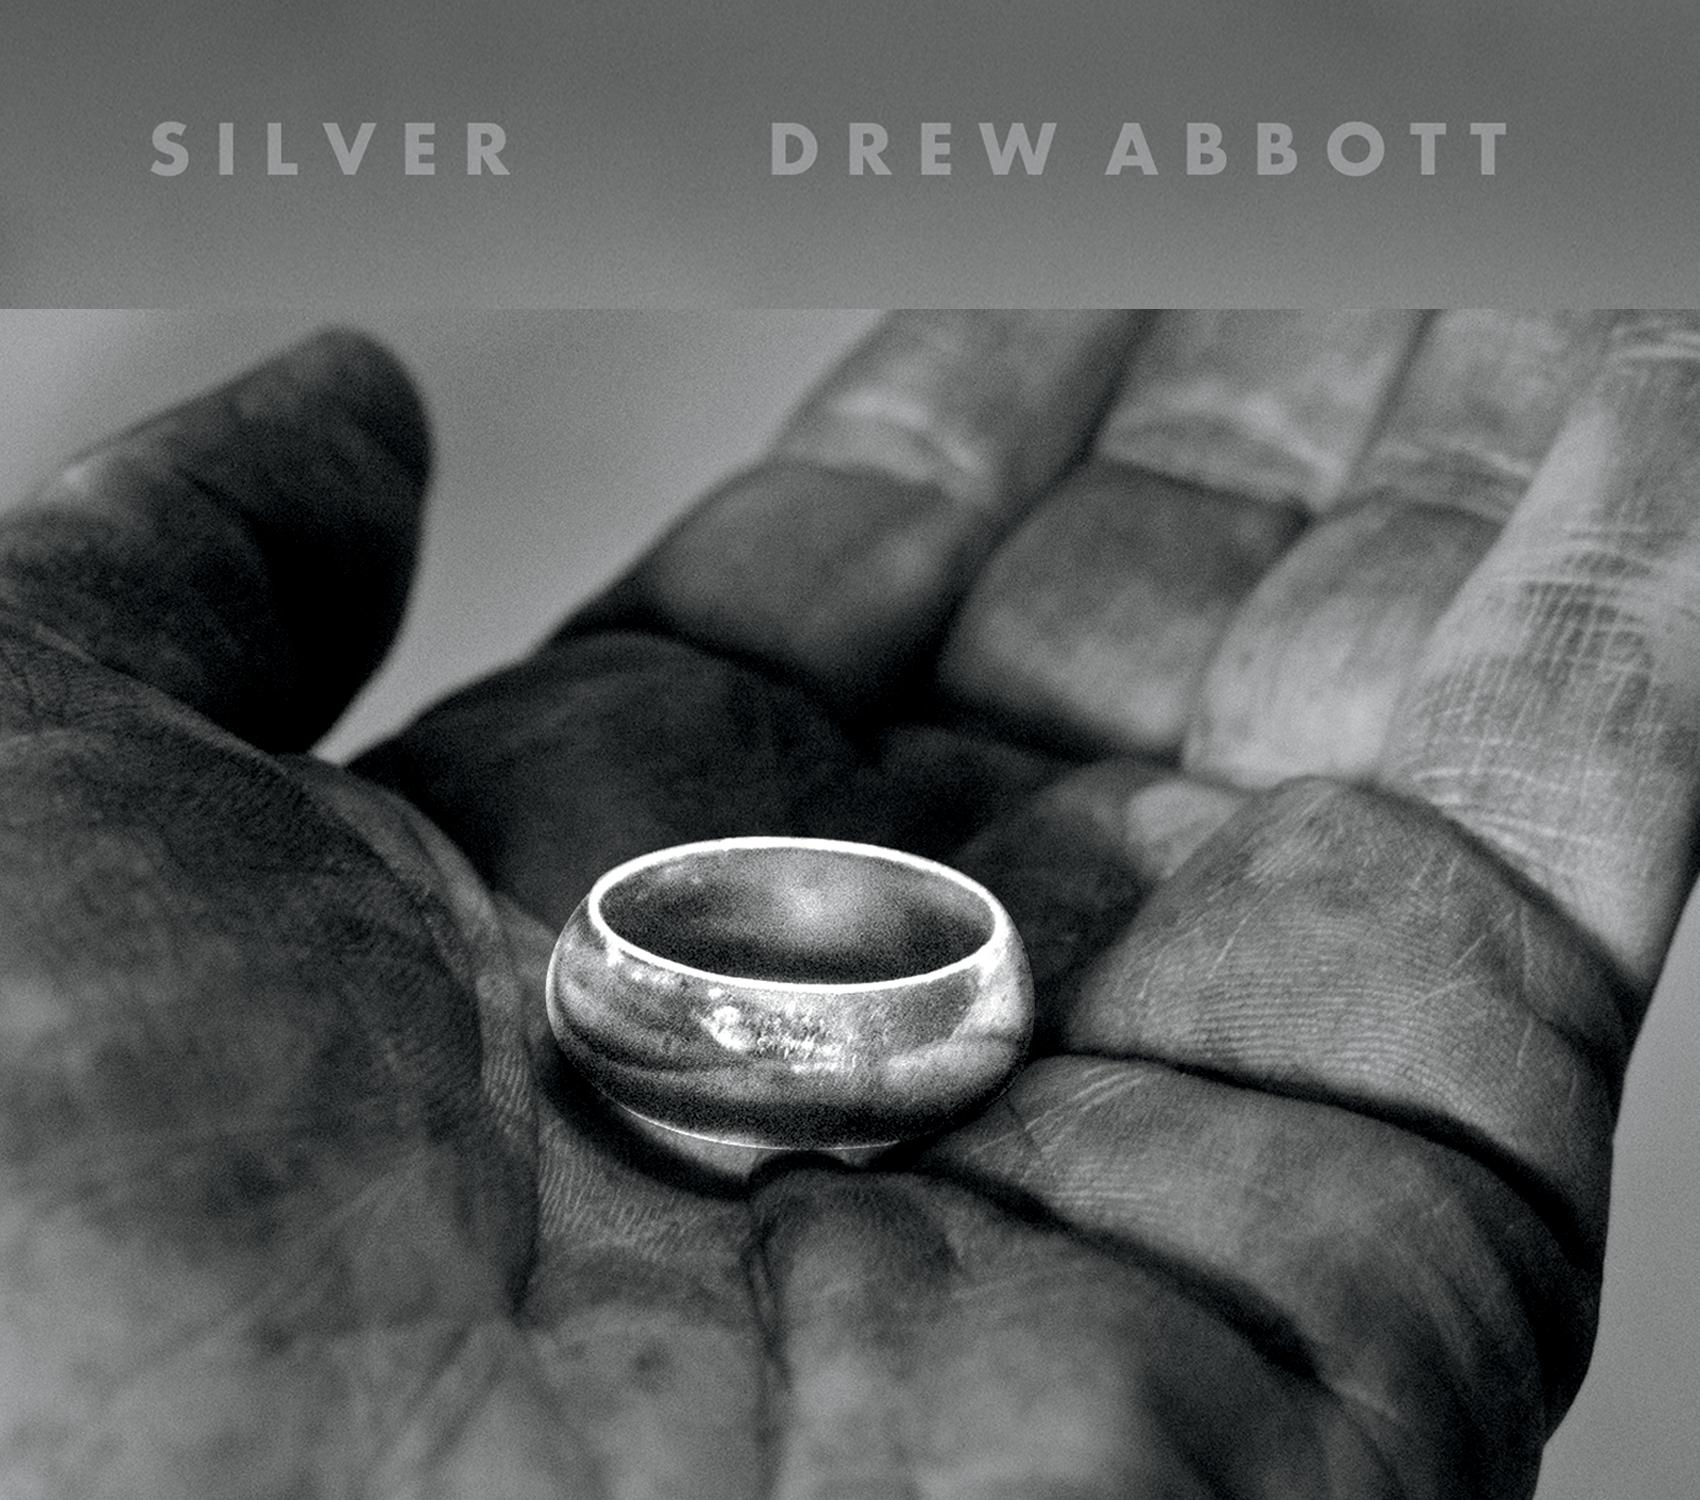 Drew Abbott: SILVER